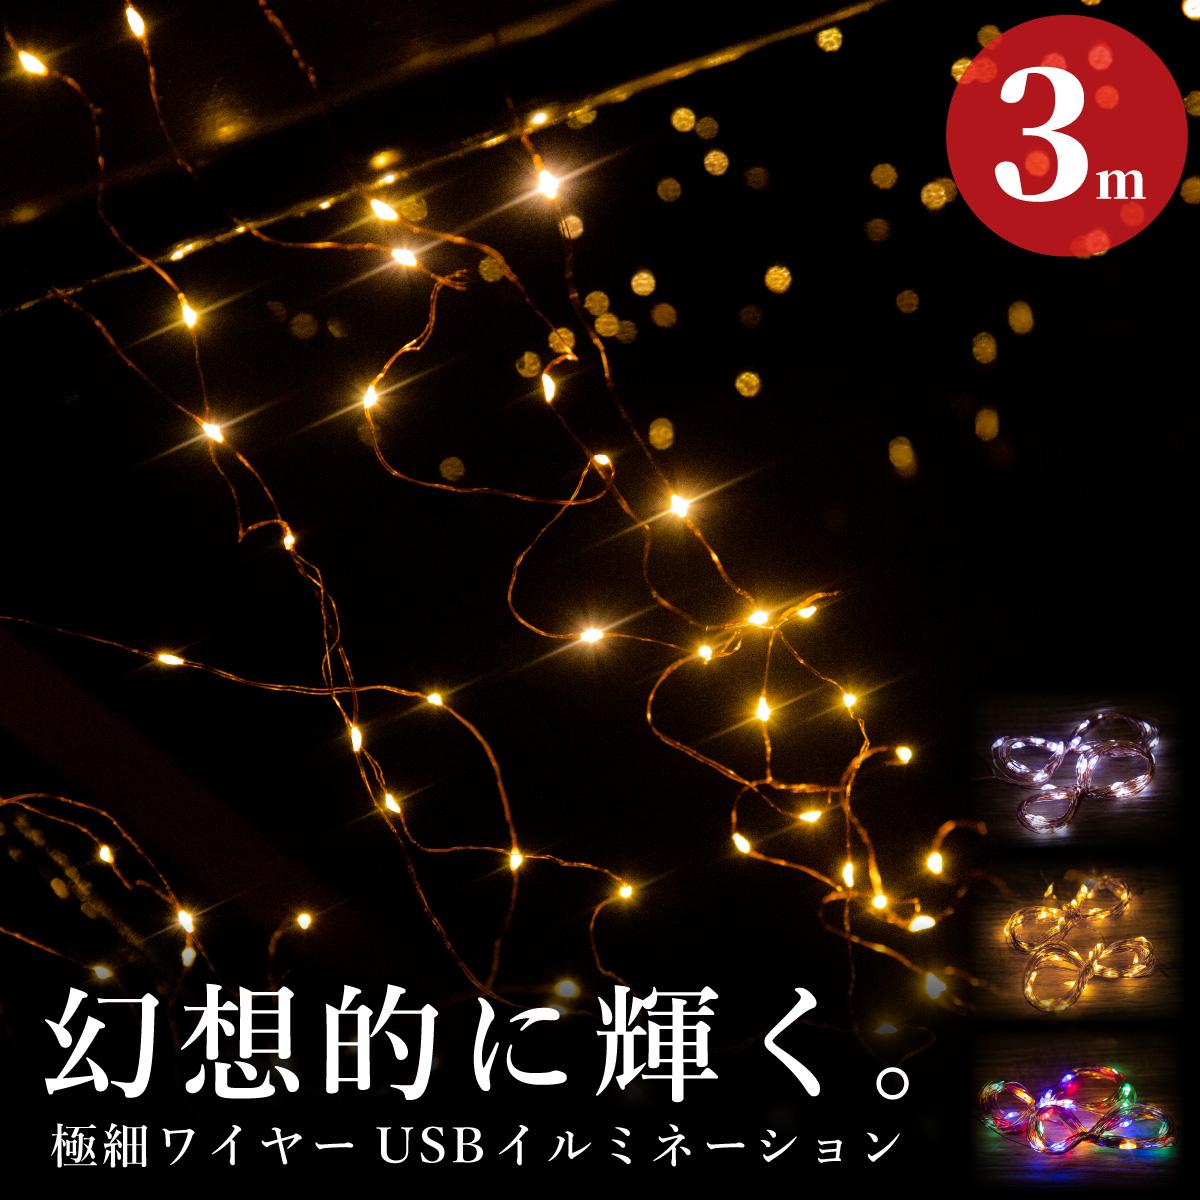 フェアリーライト USB電源 簡単取り付け ホワイト ゴールド ミックス 飾り付け クリスマス リモコン切り替え LEDライト イルミ イルミネーション 点灯切り替え @76195 ワイヤーイルミ 装飾 リモコン付き 送料無料 LED 日本限定 300球 ジュエリーライト 室内用 3M×3m お得